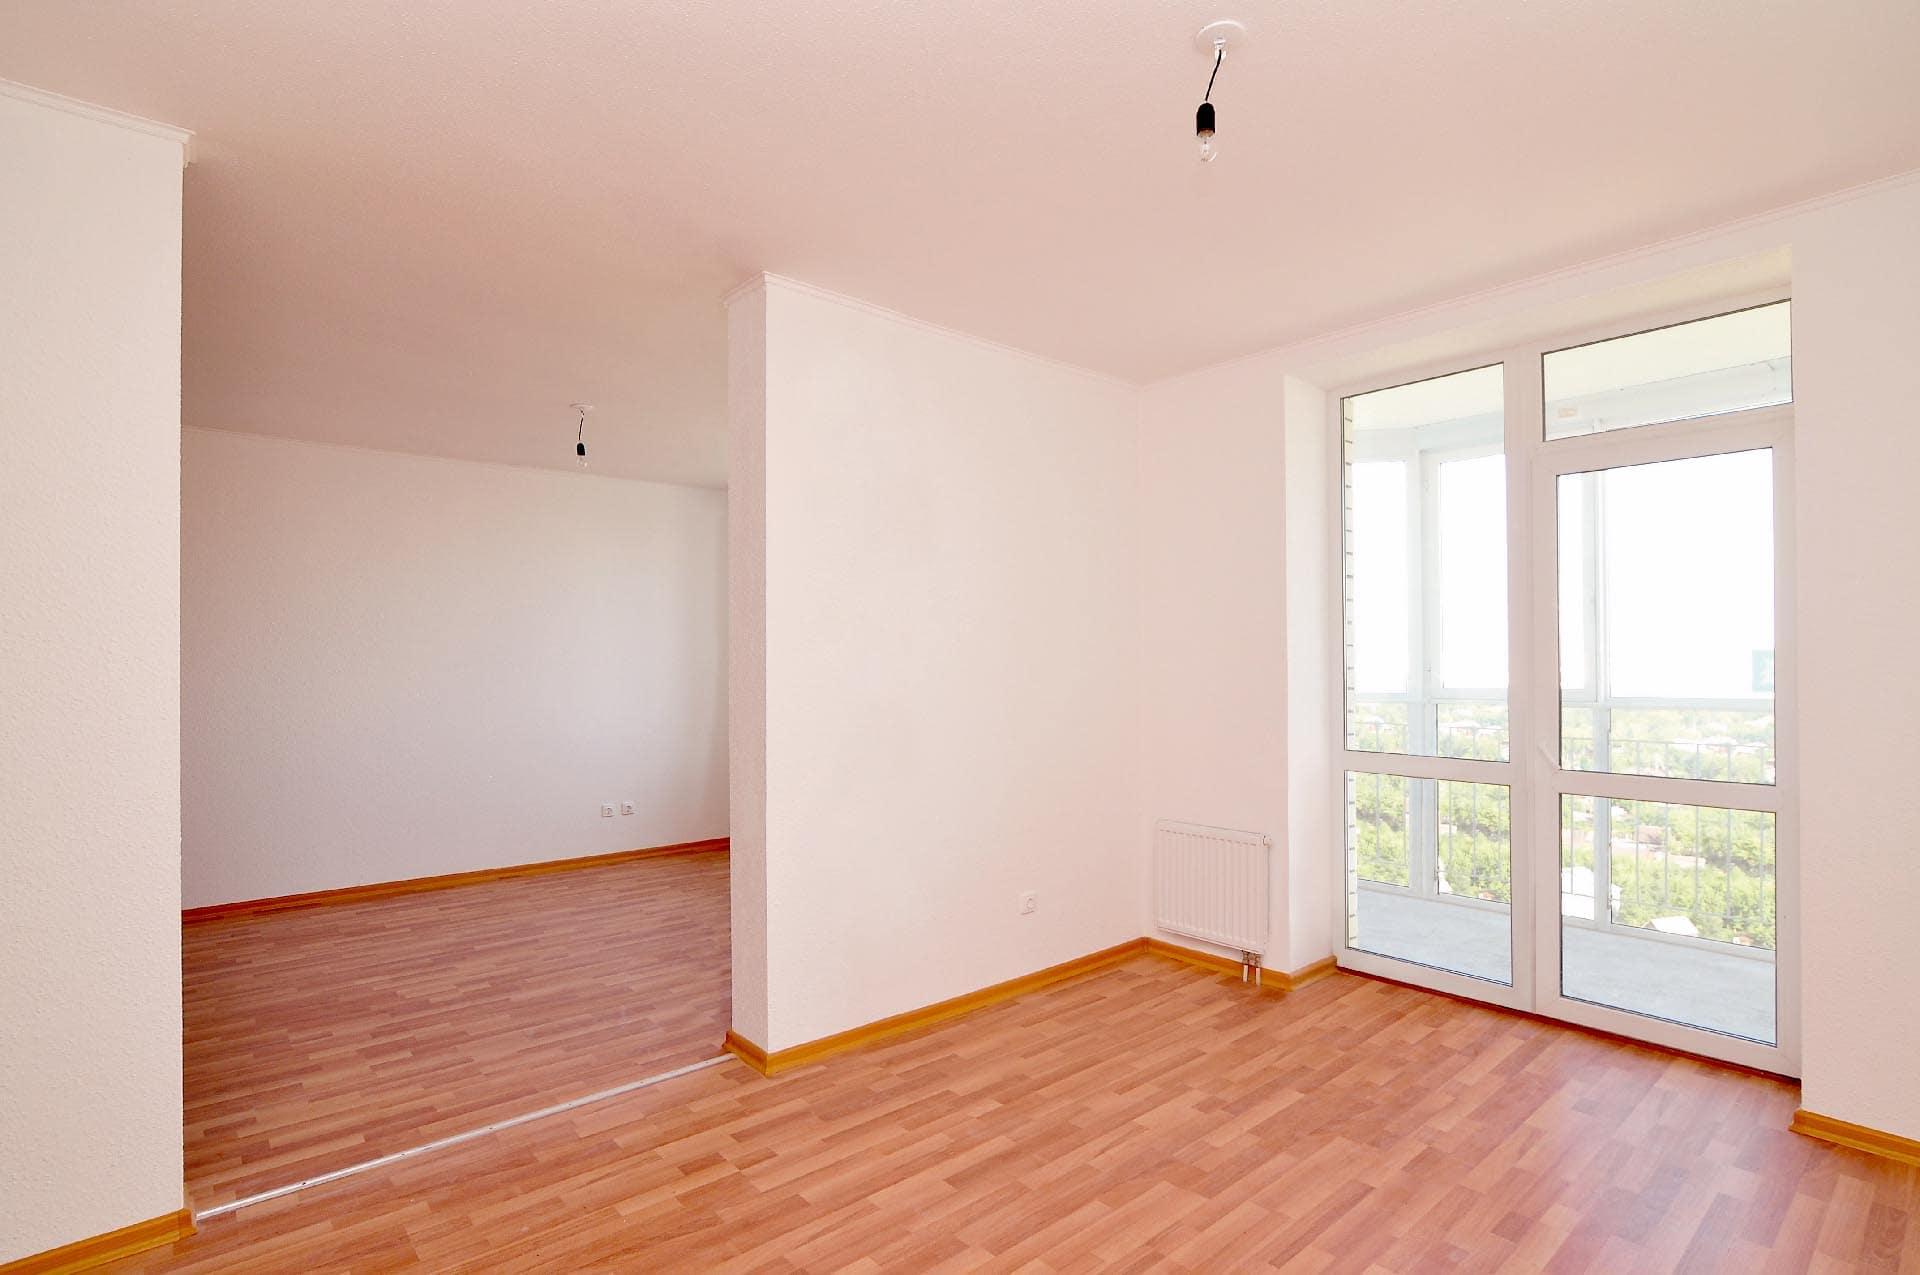 Дизайн квартир в новостройках Особенности дизайна квартир с ремонтом и без,  дизайн проект для новостроек, примеры